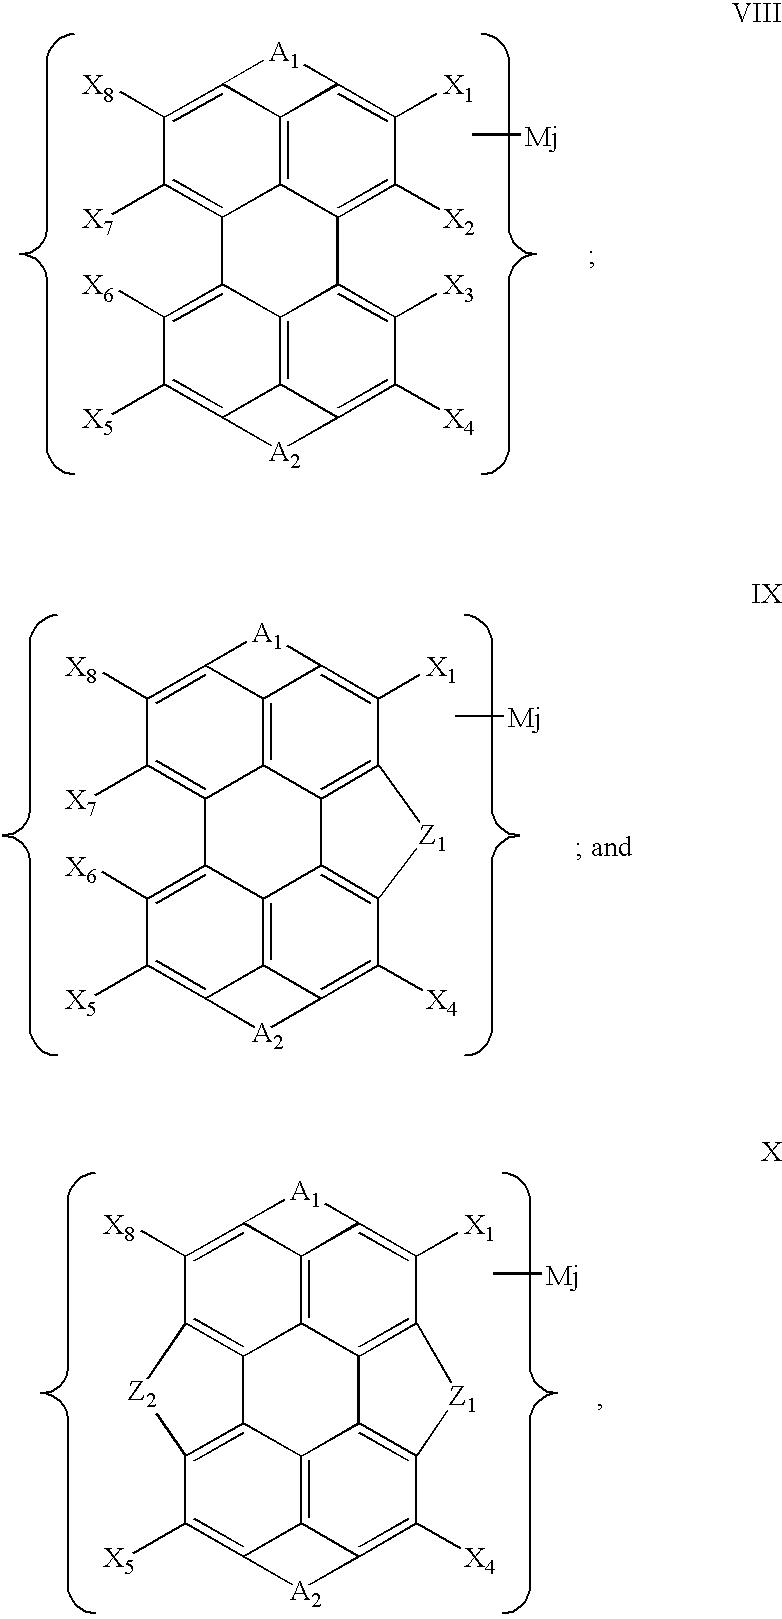 Figure US07025900-20060411-C00043